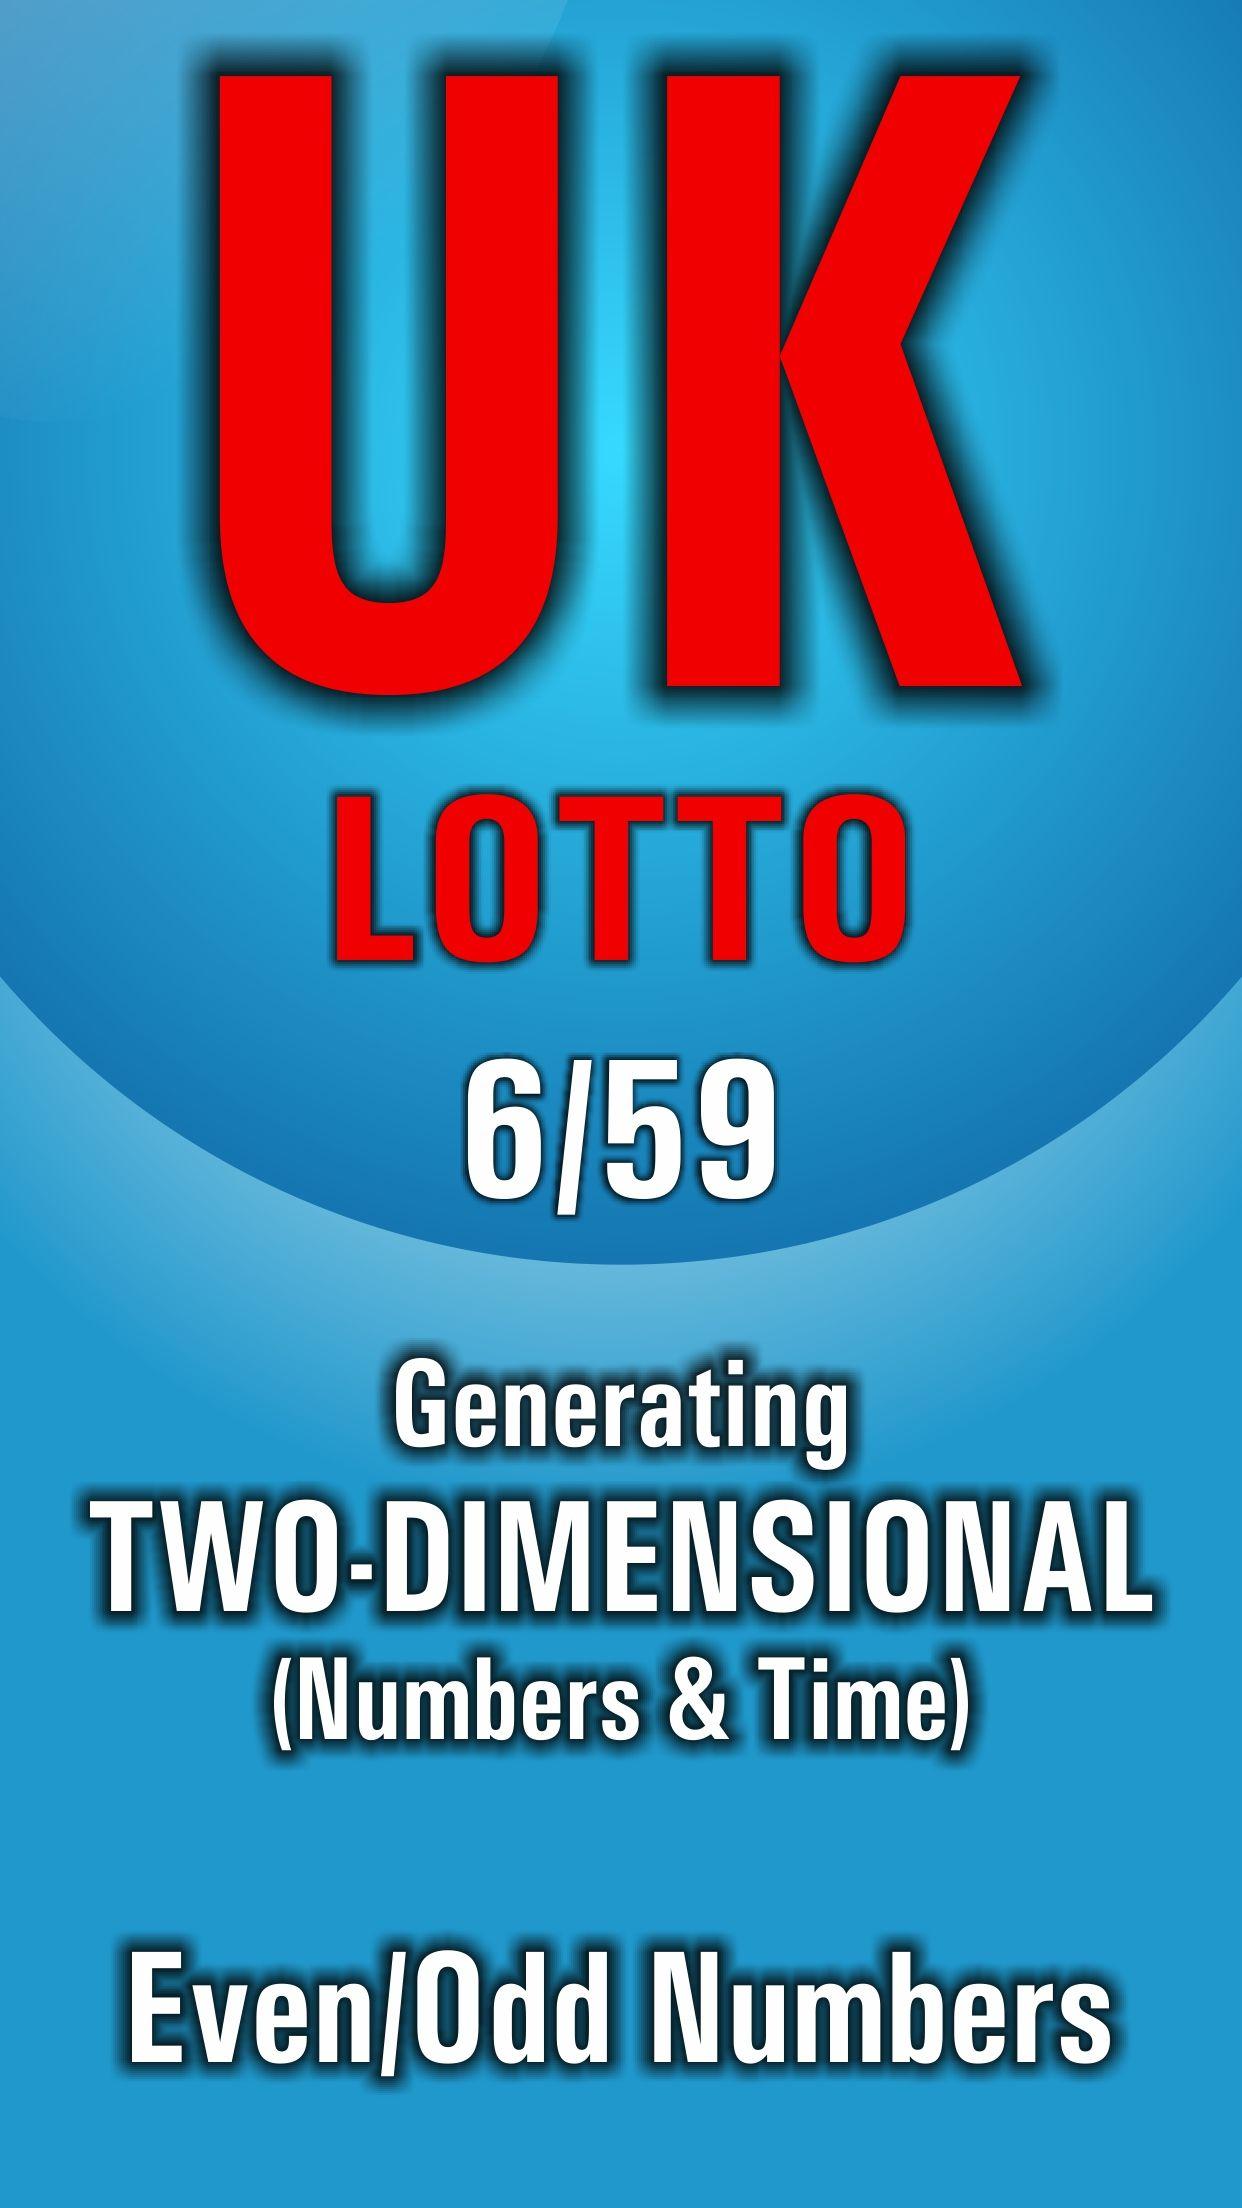 UK Lotto 6/59